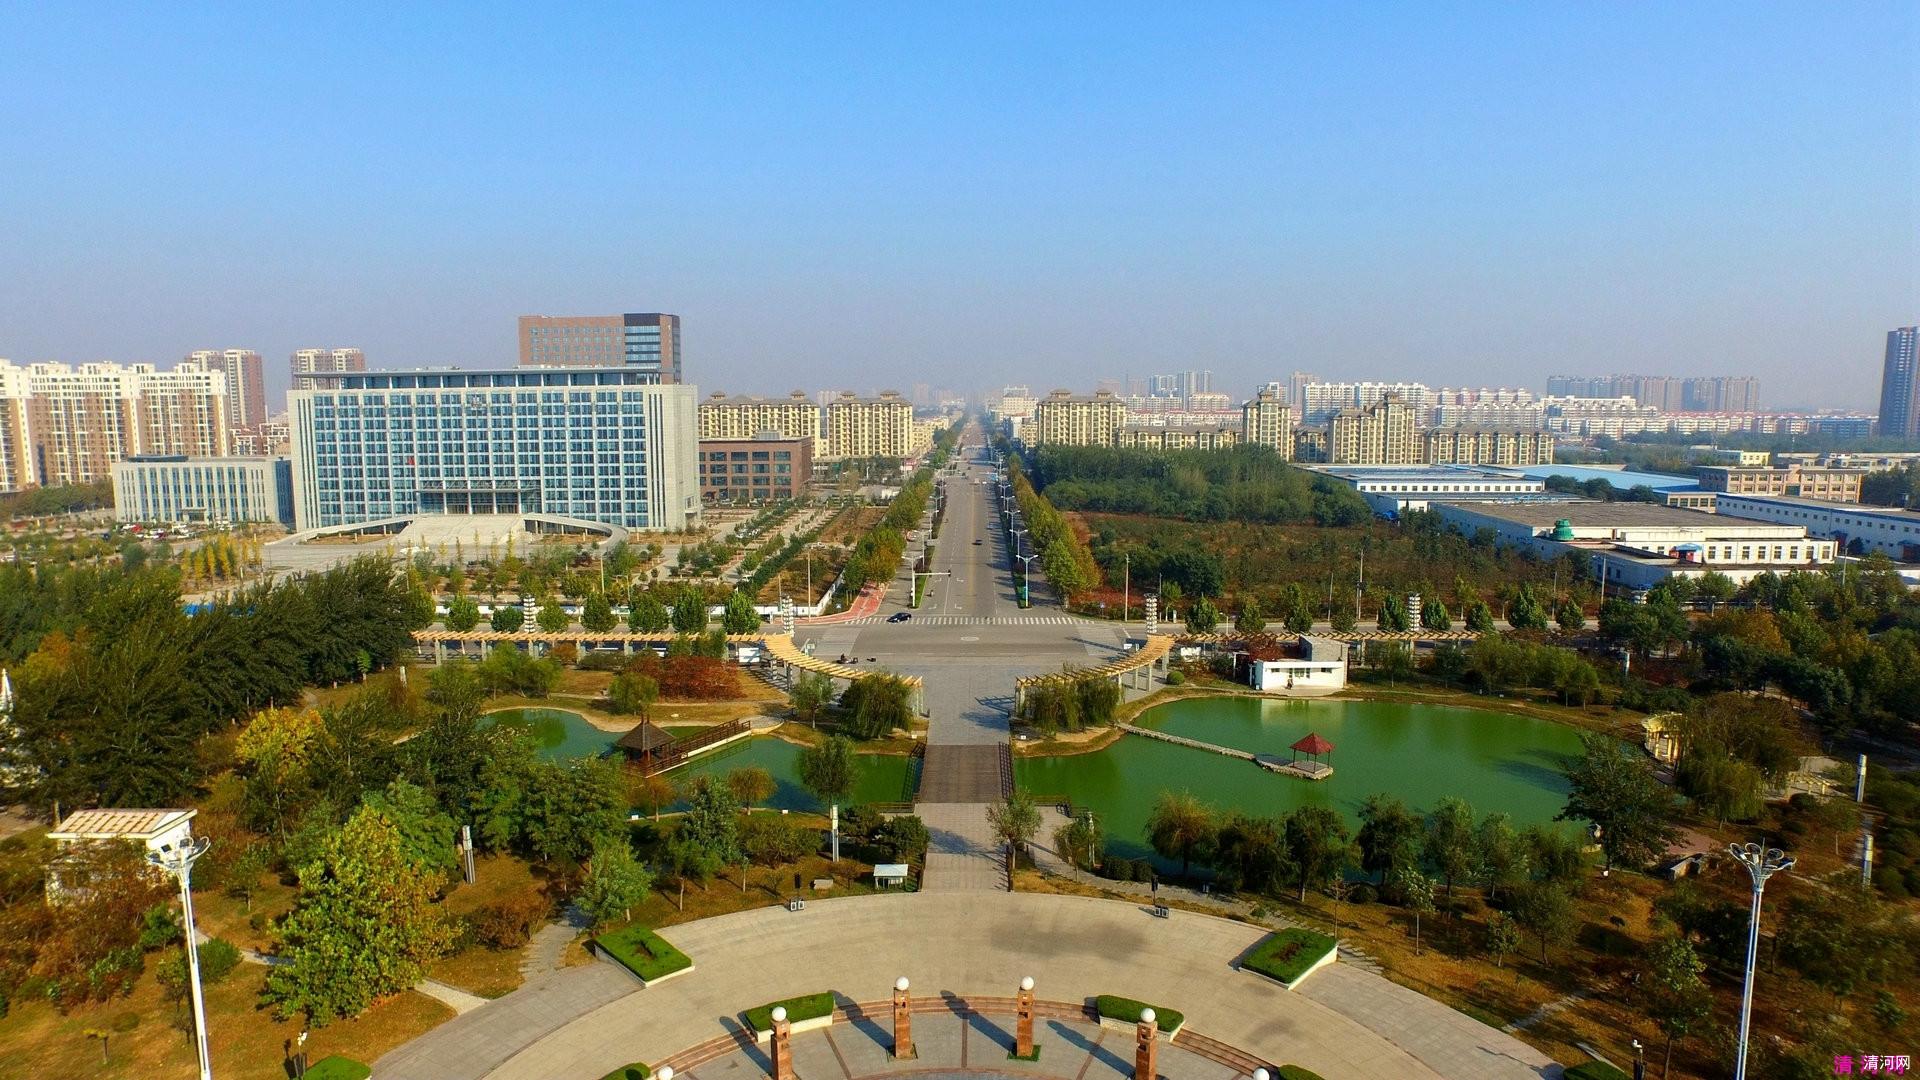 高清美图:清河县新世纪广场